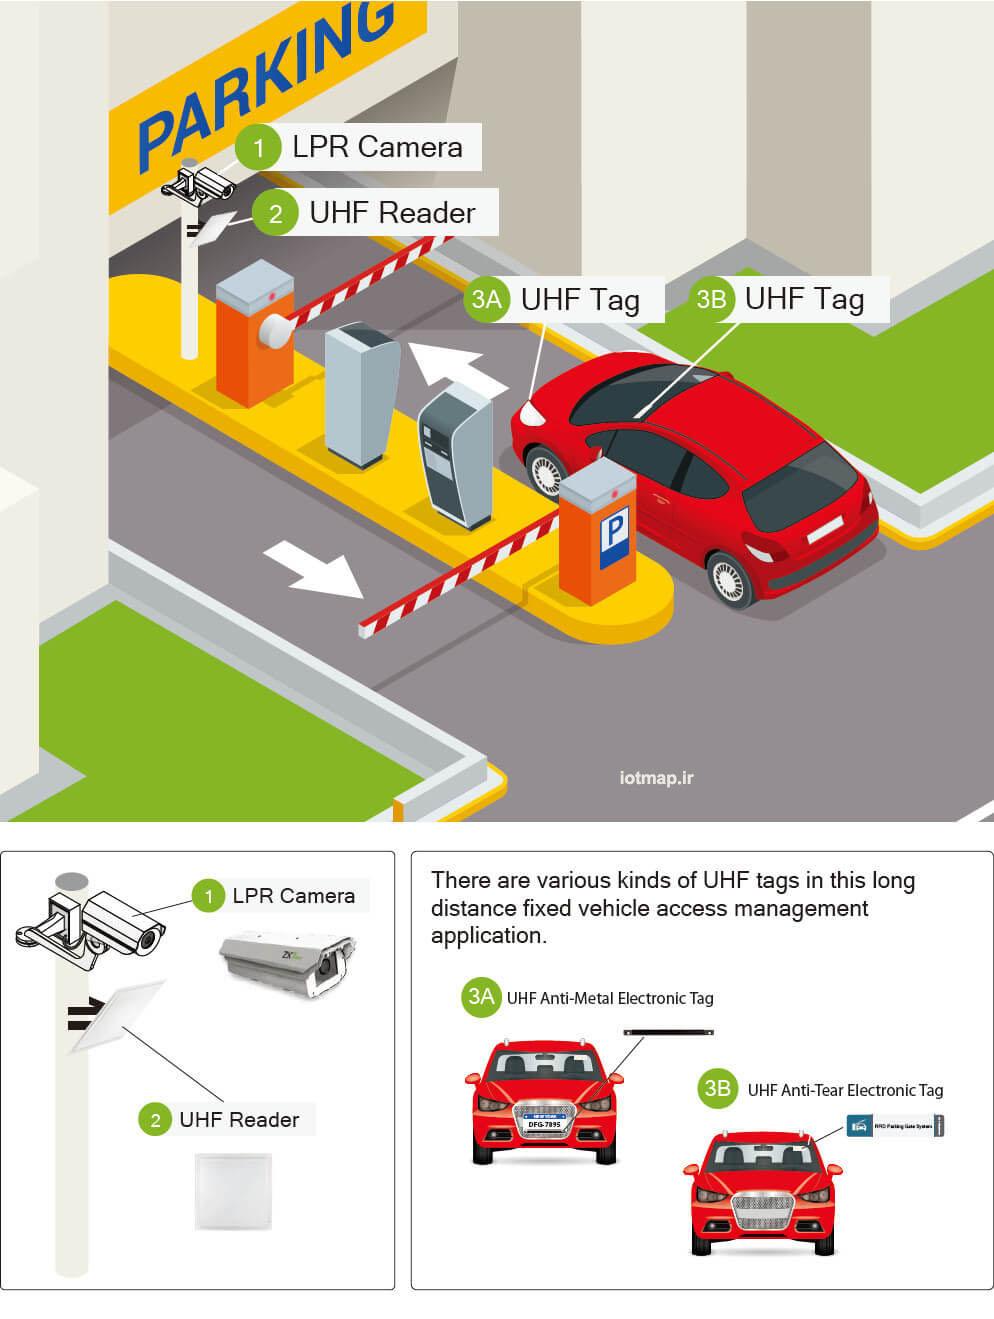 سیستم تشخیص خودرویی در پارکینگ هوشمند